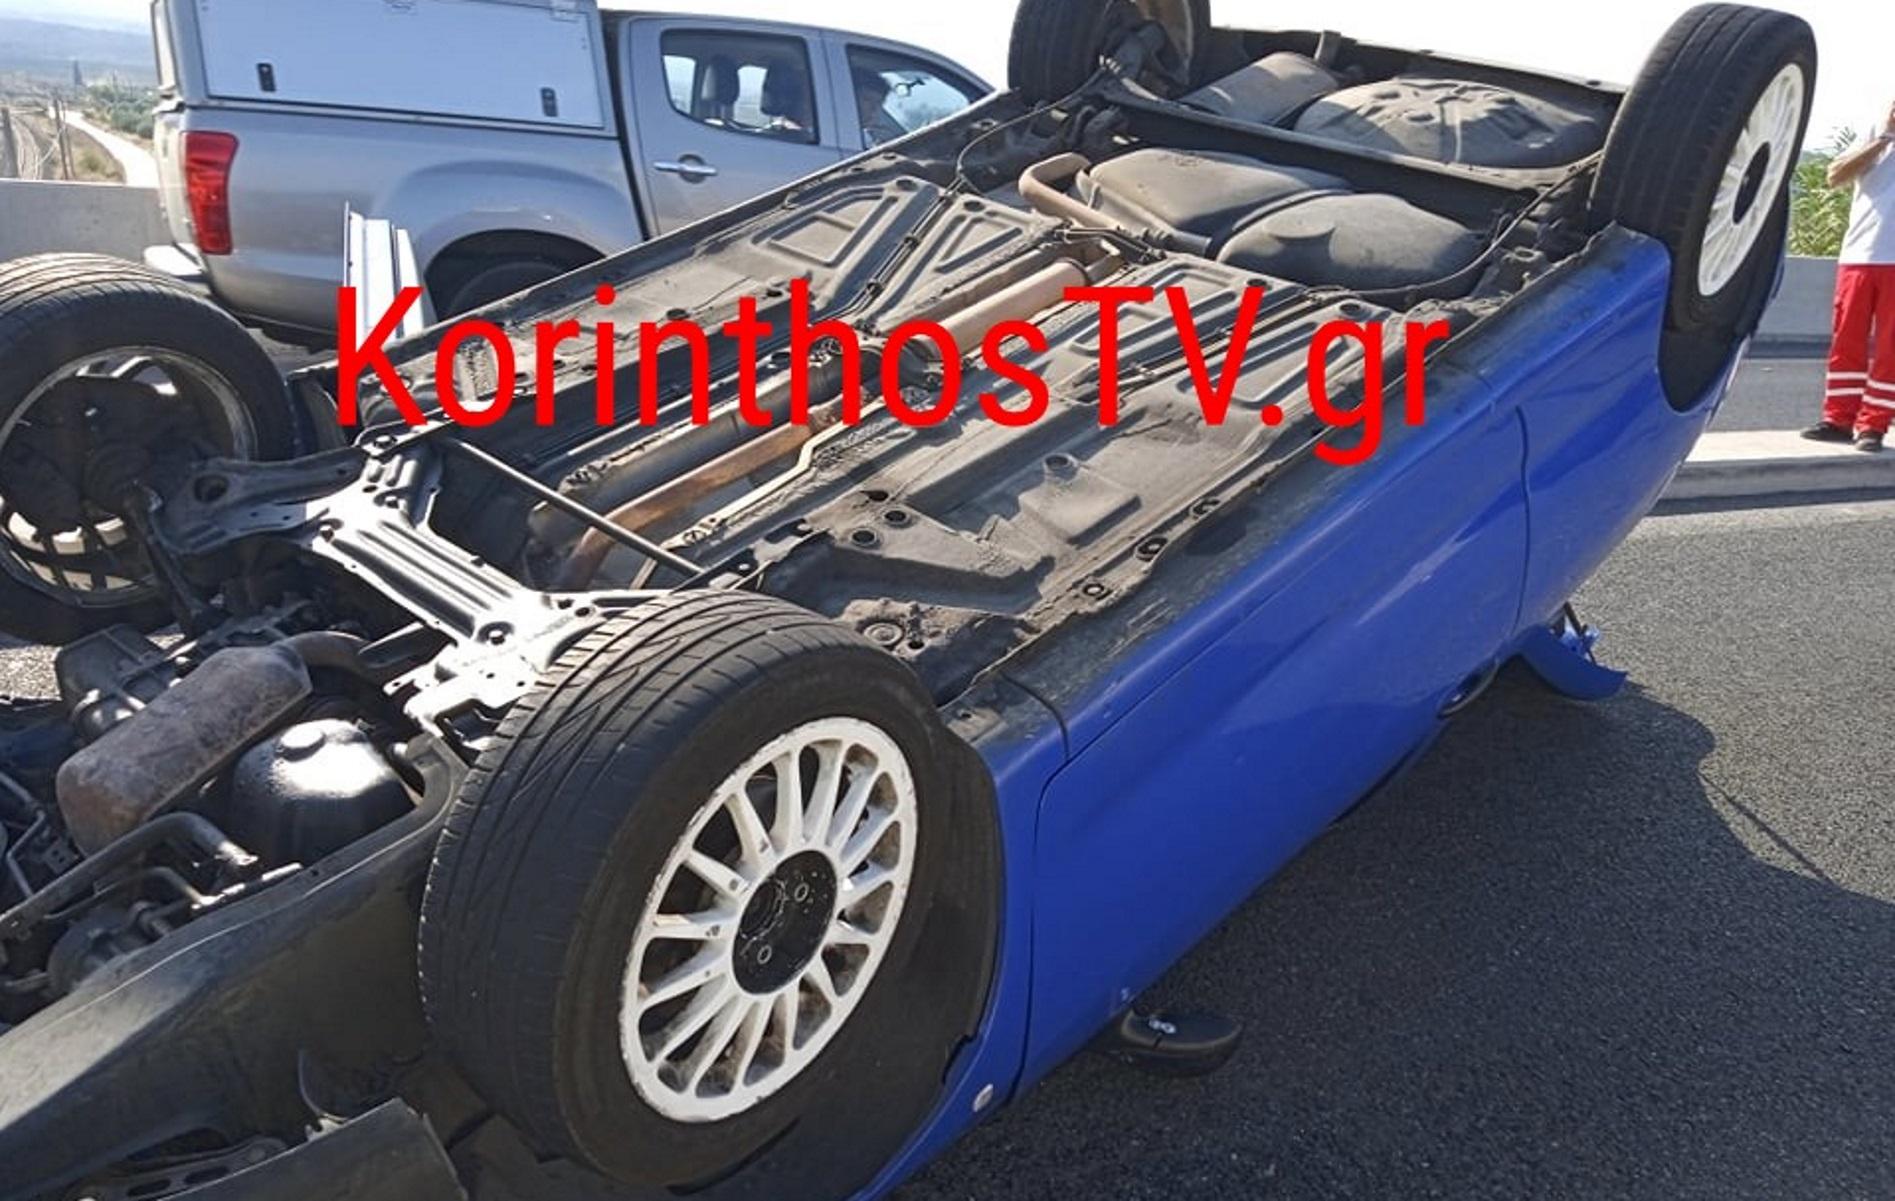 Τροχαίο στην Κορίνθου-Πατρών με τουμπαρισμένο αυτοκίνητο – Δείτε φωτογραφίες